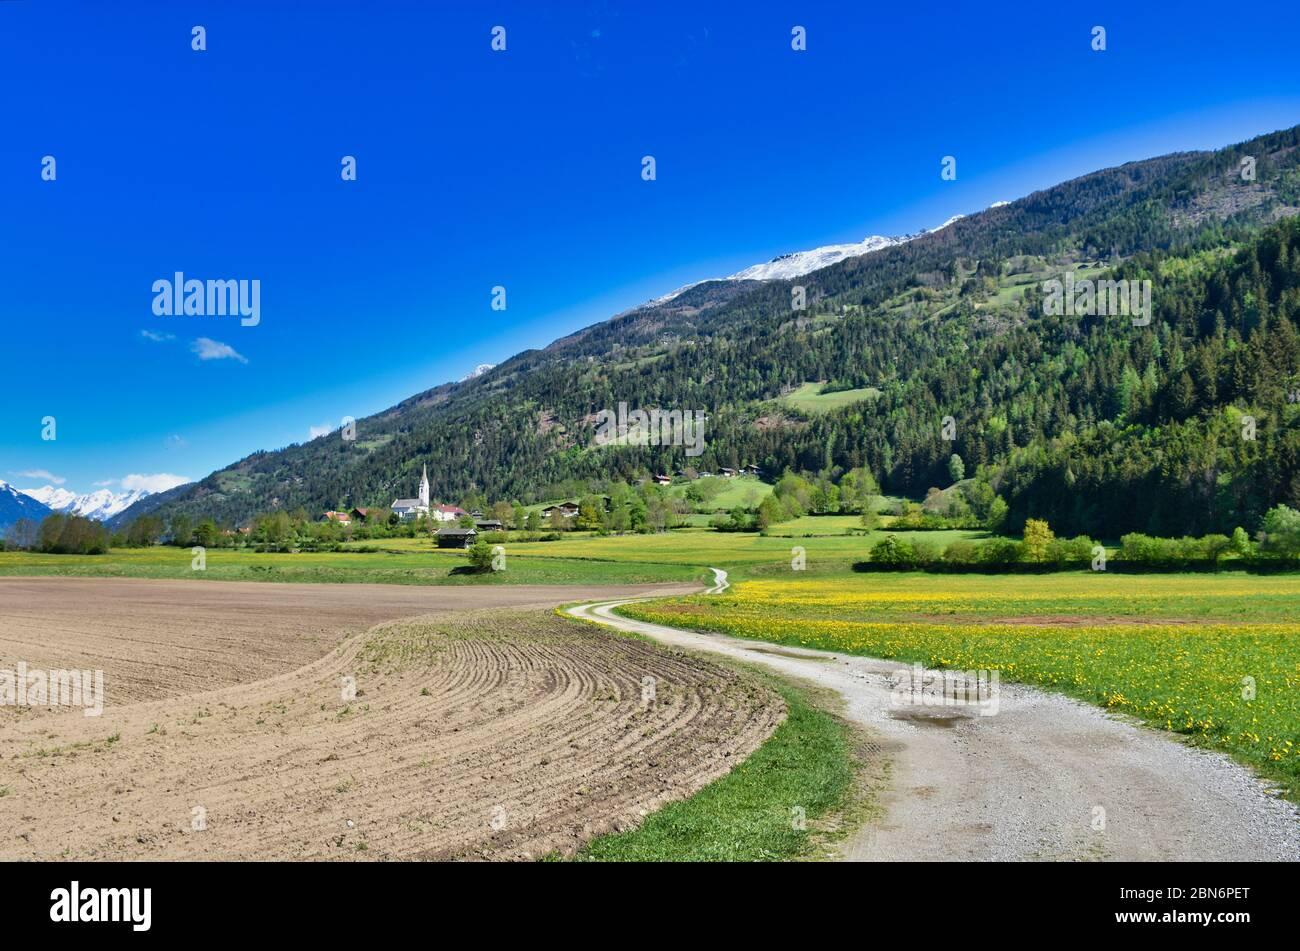 Iseltal, Osttirol, Frühling, Ainet, Schobergruppe, Dorf, Siedlung, Kirche, Weg, Feldweg, Feld, Acker, Landwirtschaft, Wiese, Blumenwiese, gelb, Löwenz Stock Photo